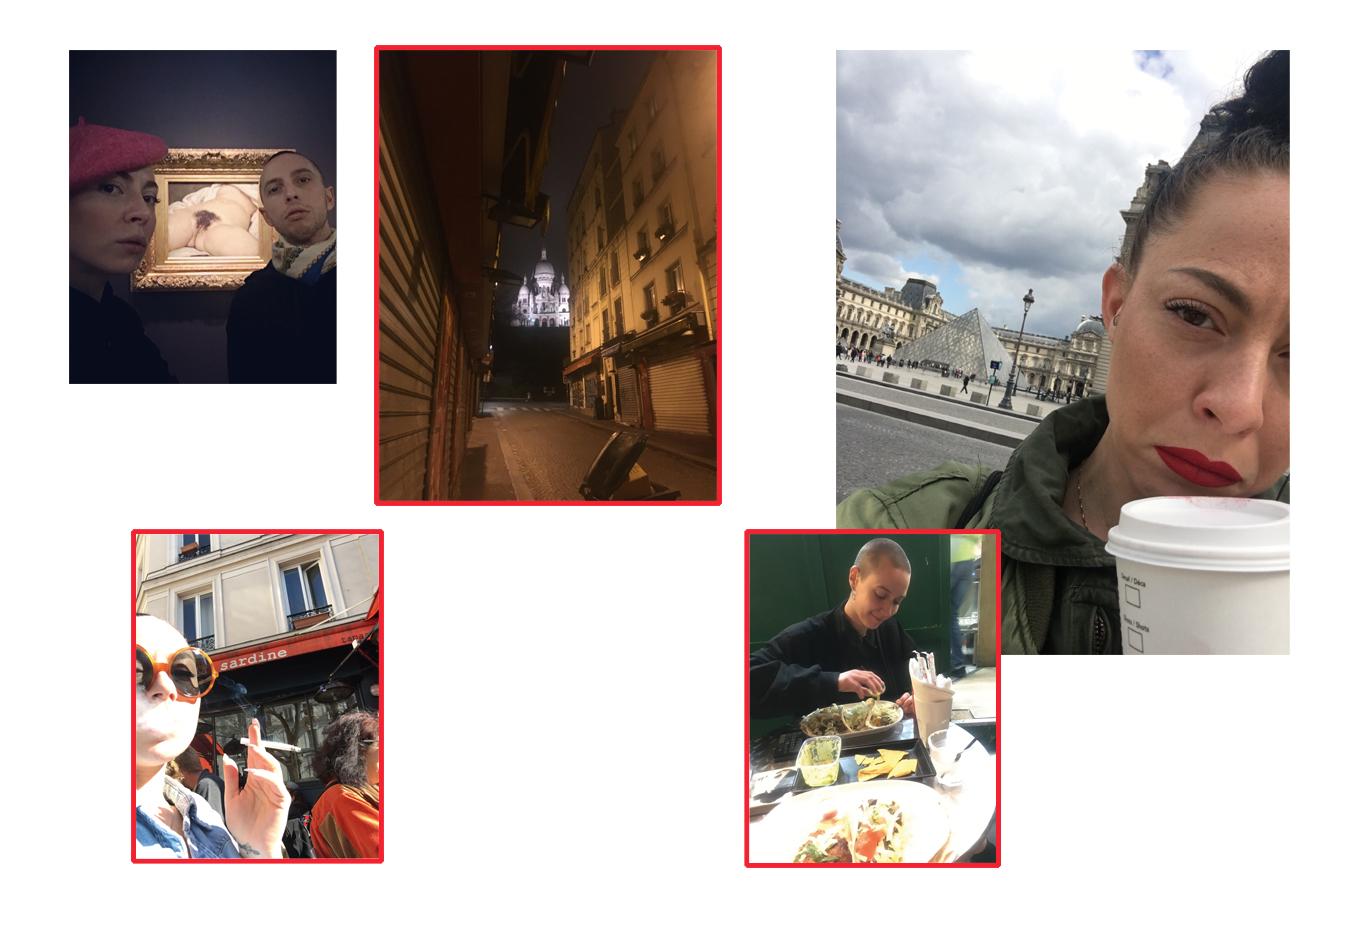 Safia-Bahmed-Schwartz-PAris-Guide-Stadt-Cityguide-Louvre-PalaisdeTokyio-Guacamole-Tourist-Reisen-